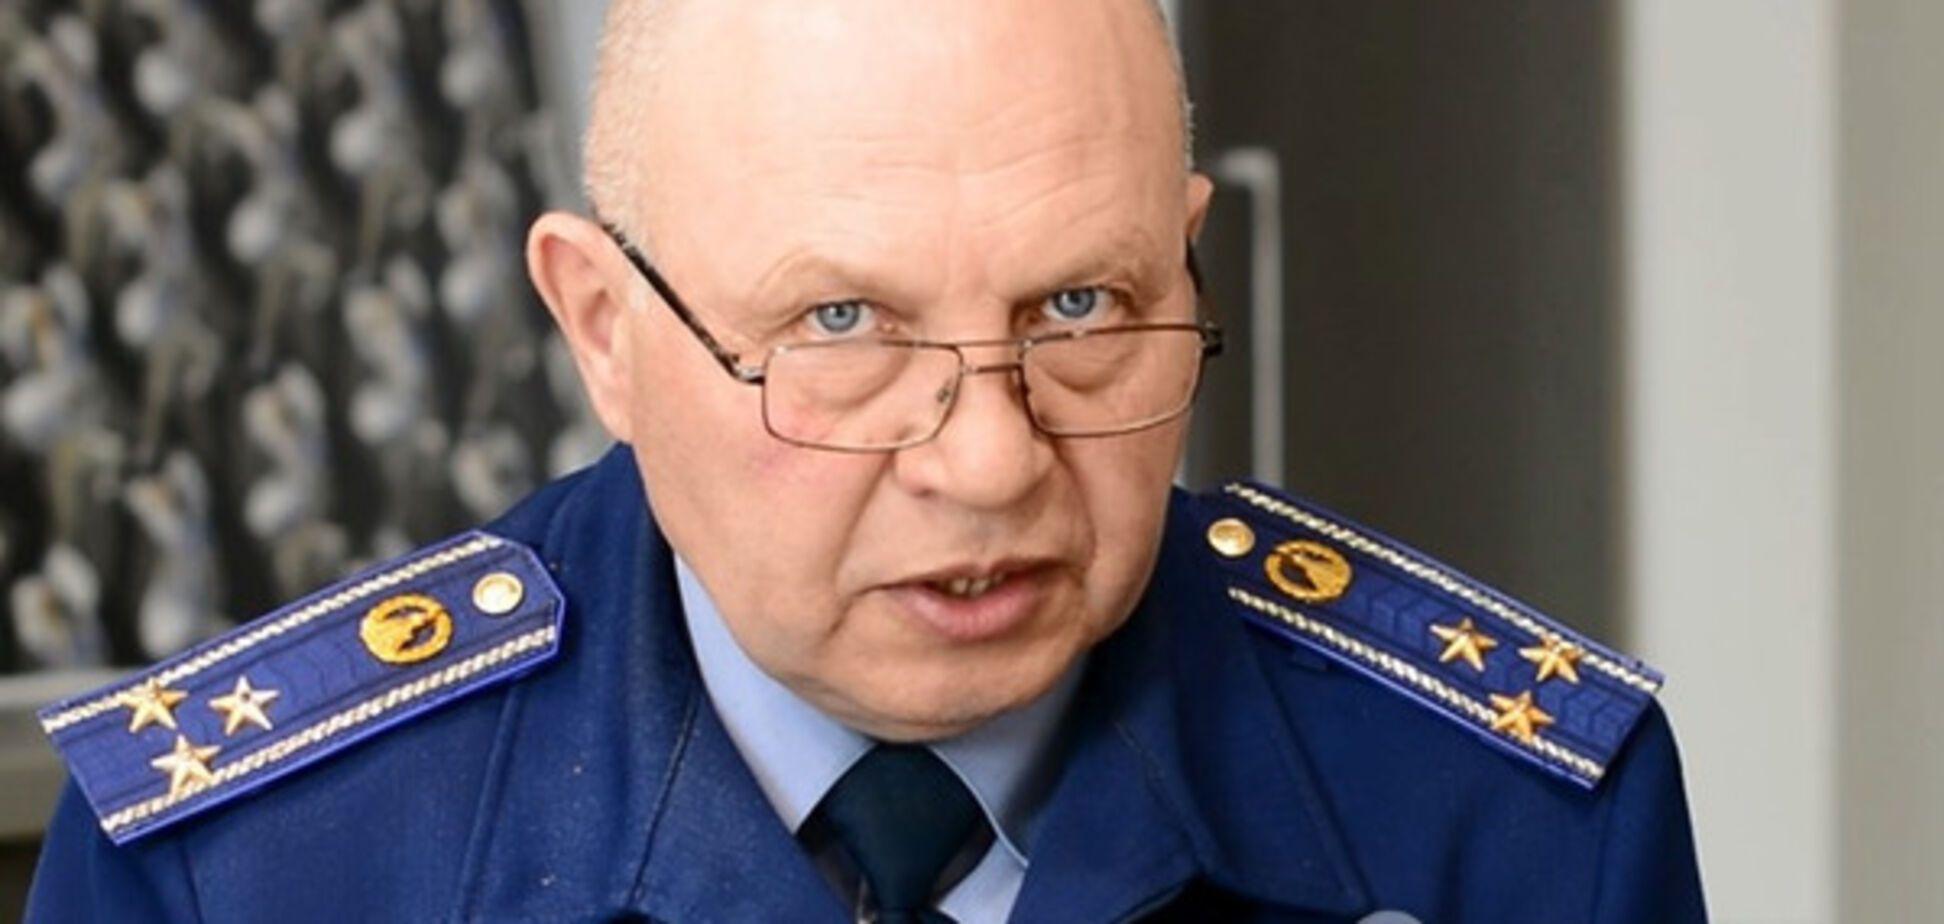 штурман полковник Дмитрий Ложешник